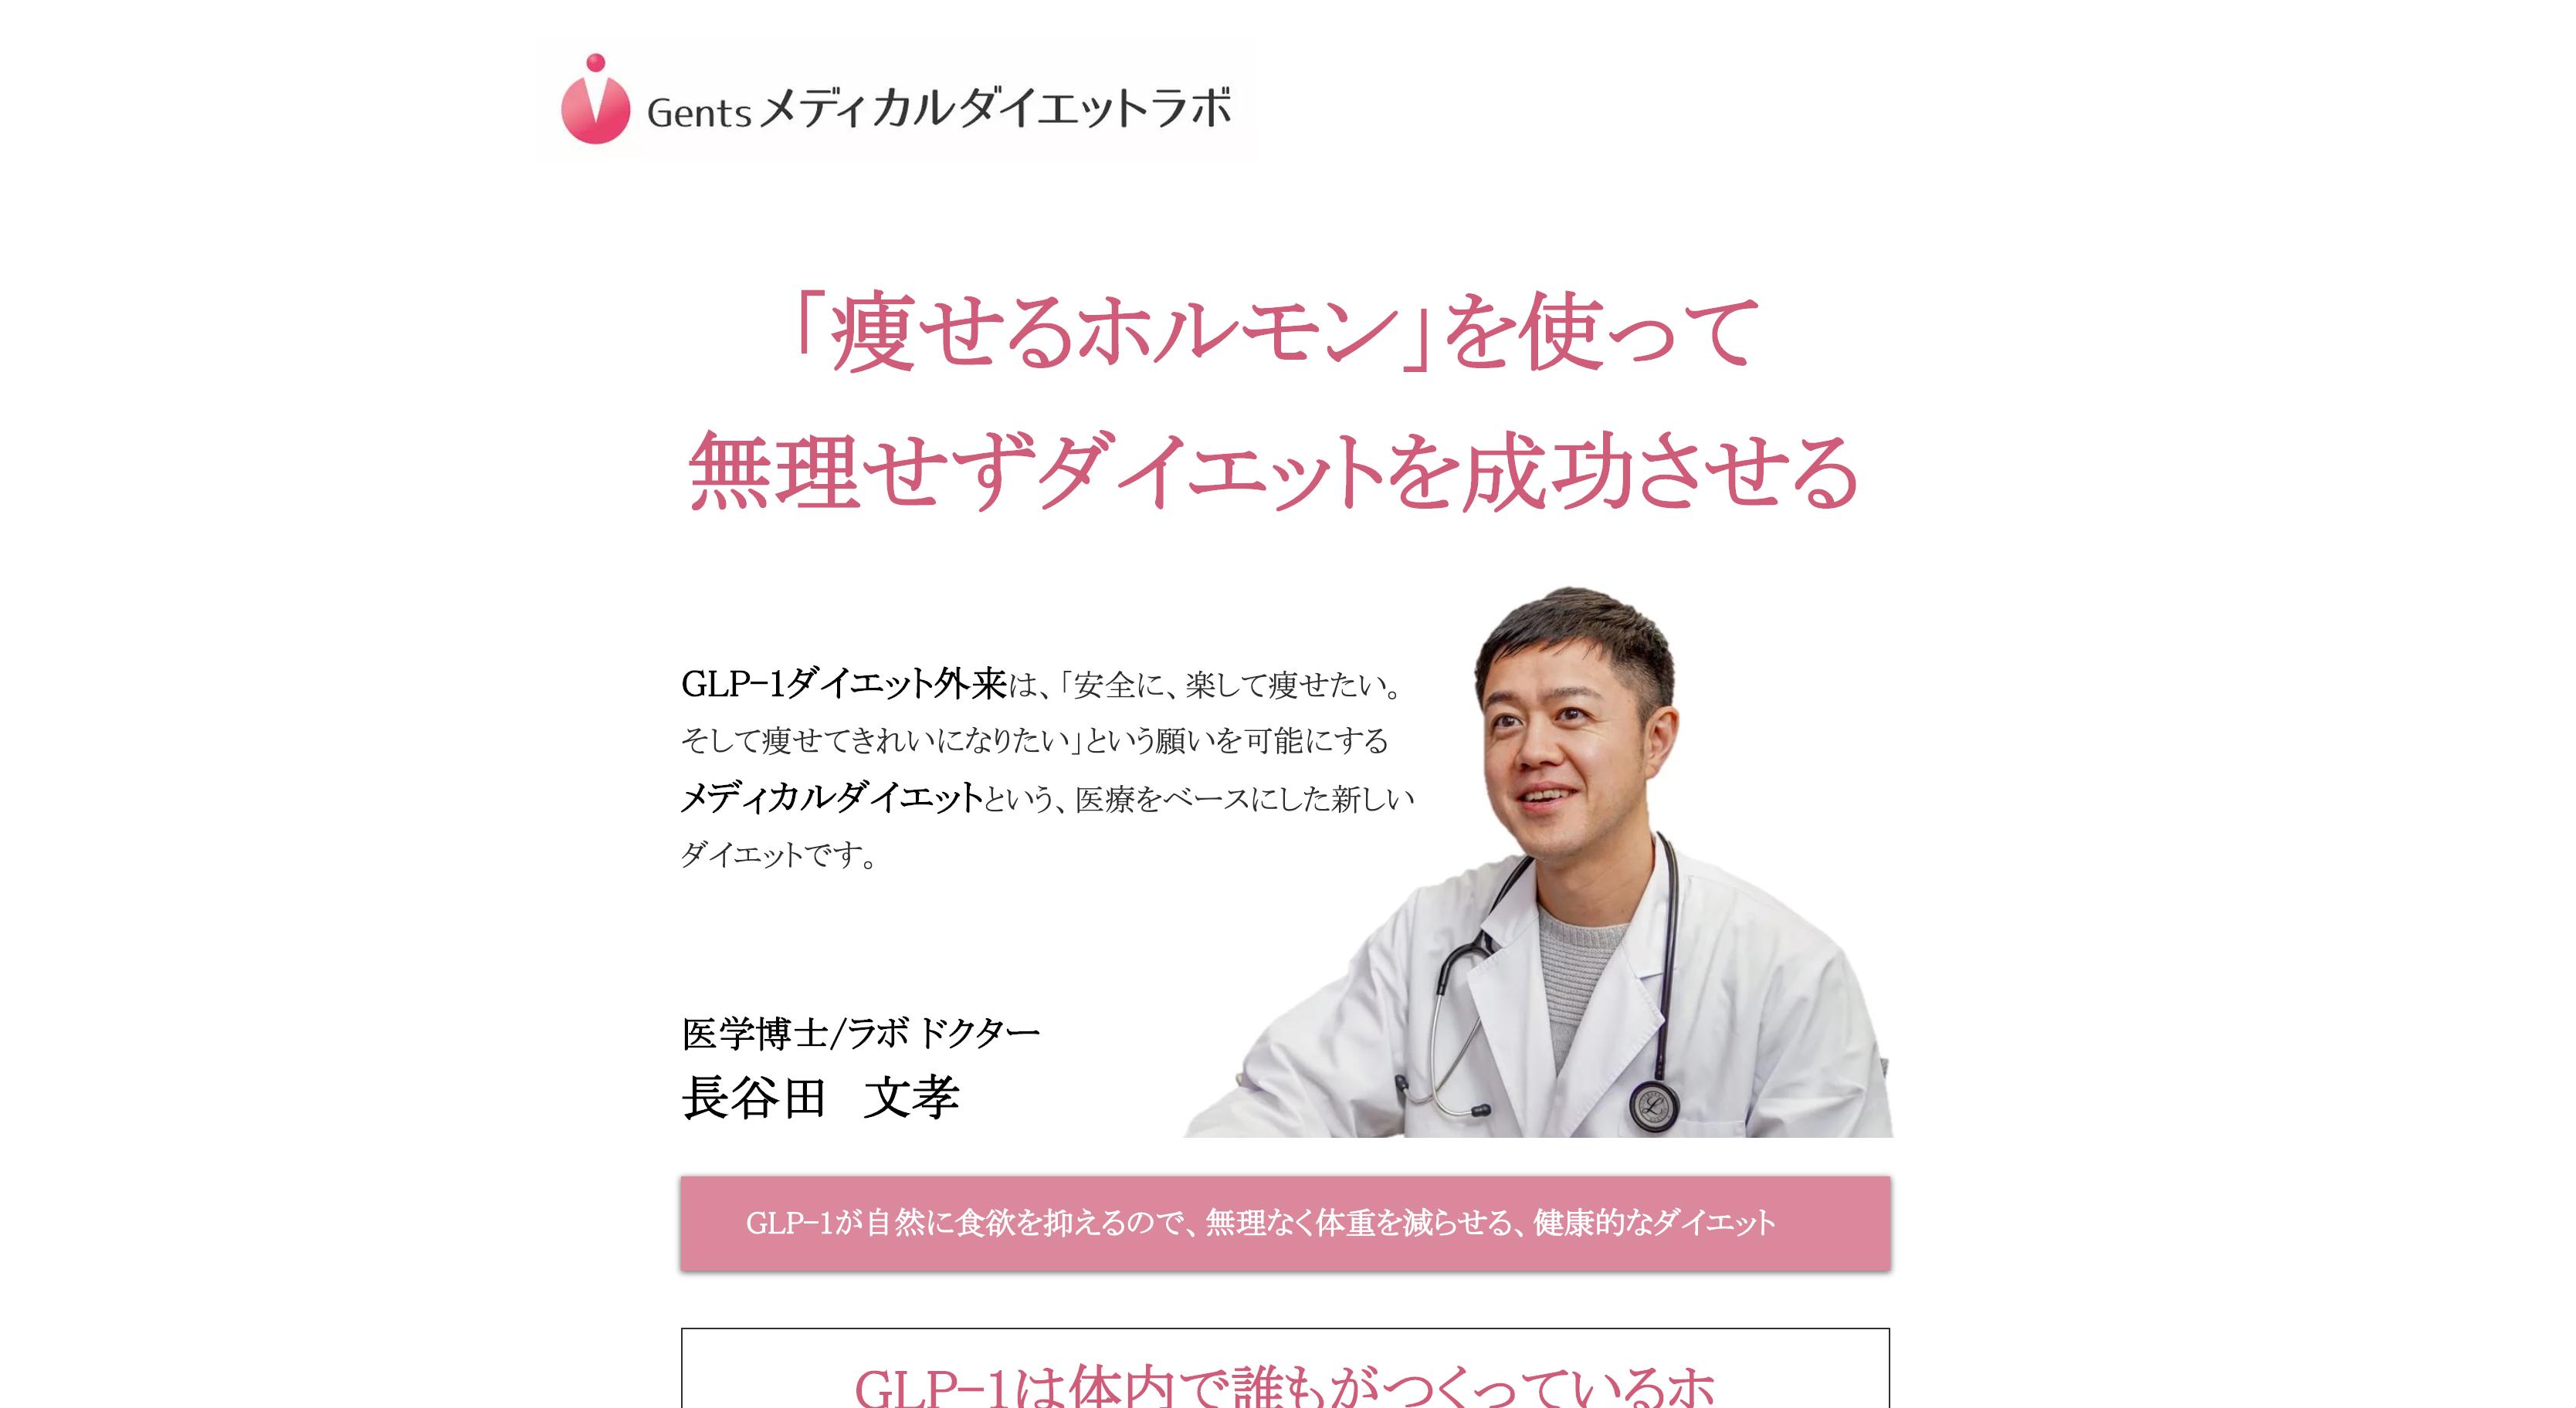 大阪梅田GentsメディカルダイエットラボのGLP-1ダイエット